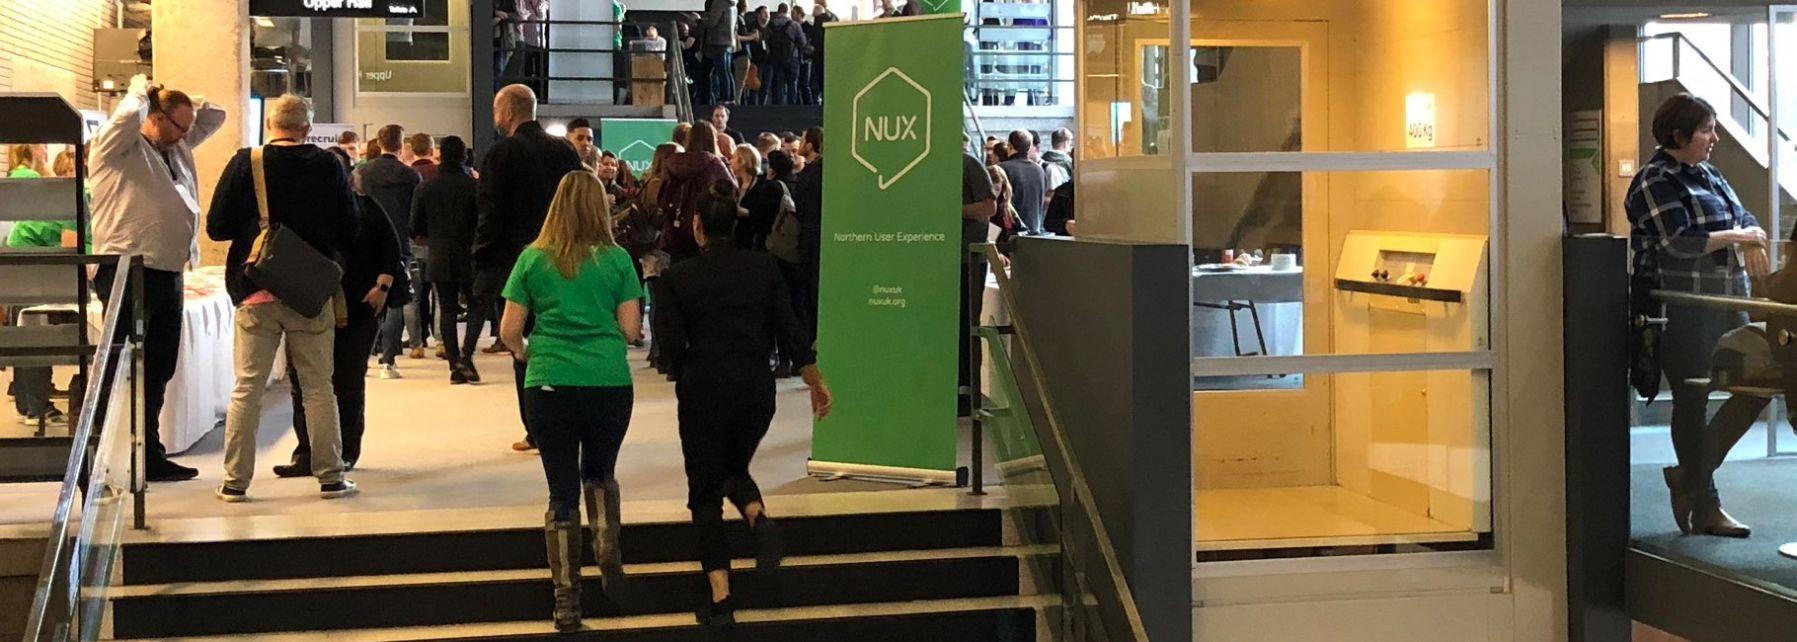 Nux7 Grid Landscape